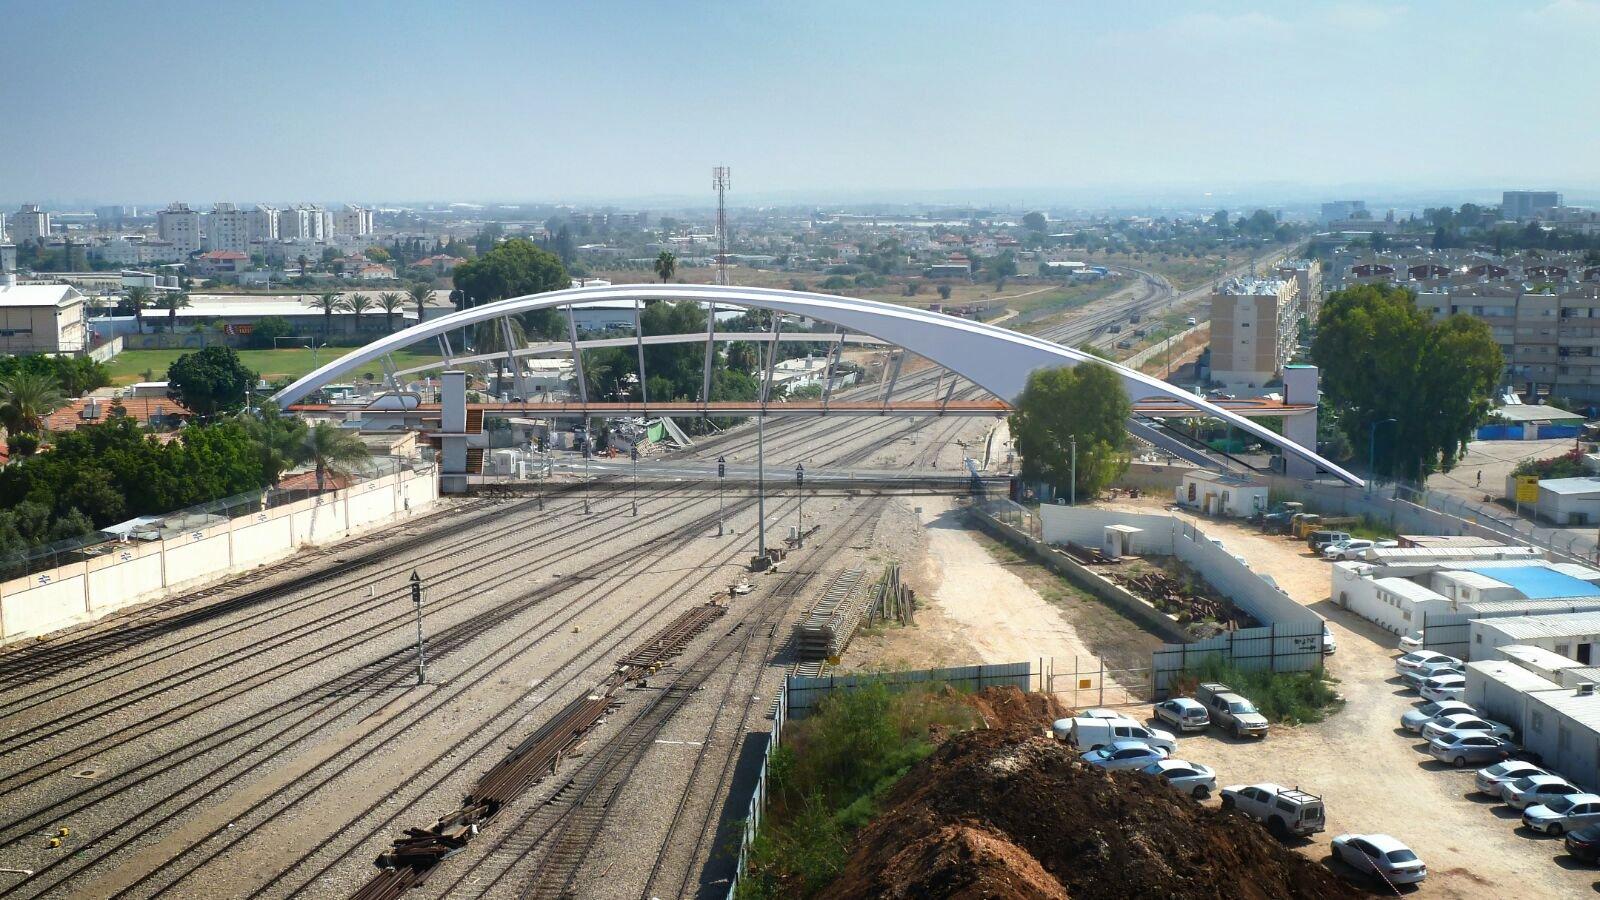 اللد: زيارة لرفيفو في حي المحطة، واقرار بدء التخطيط لاقامة جسر للمشاة